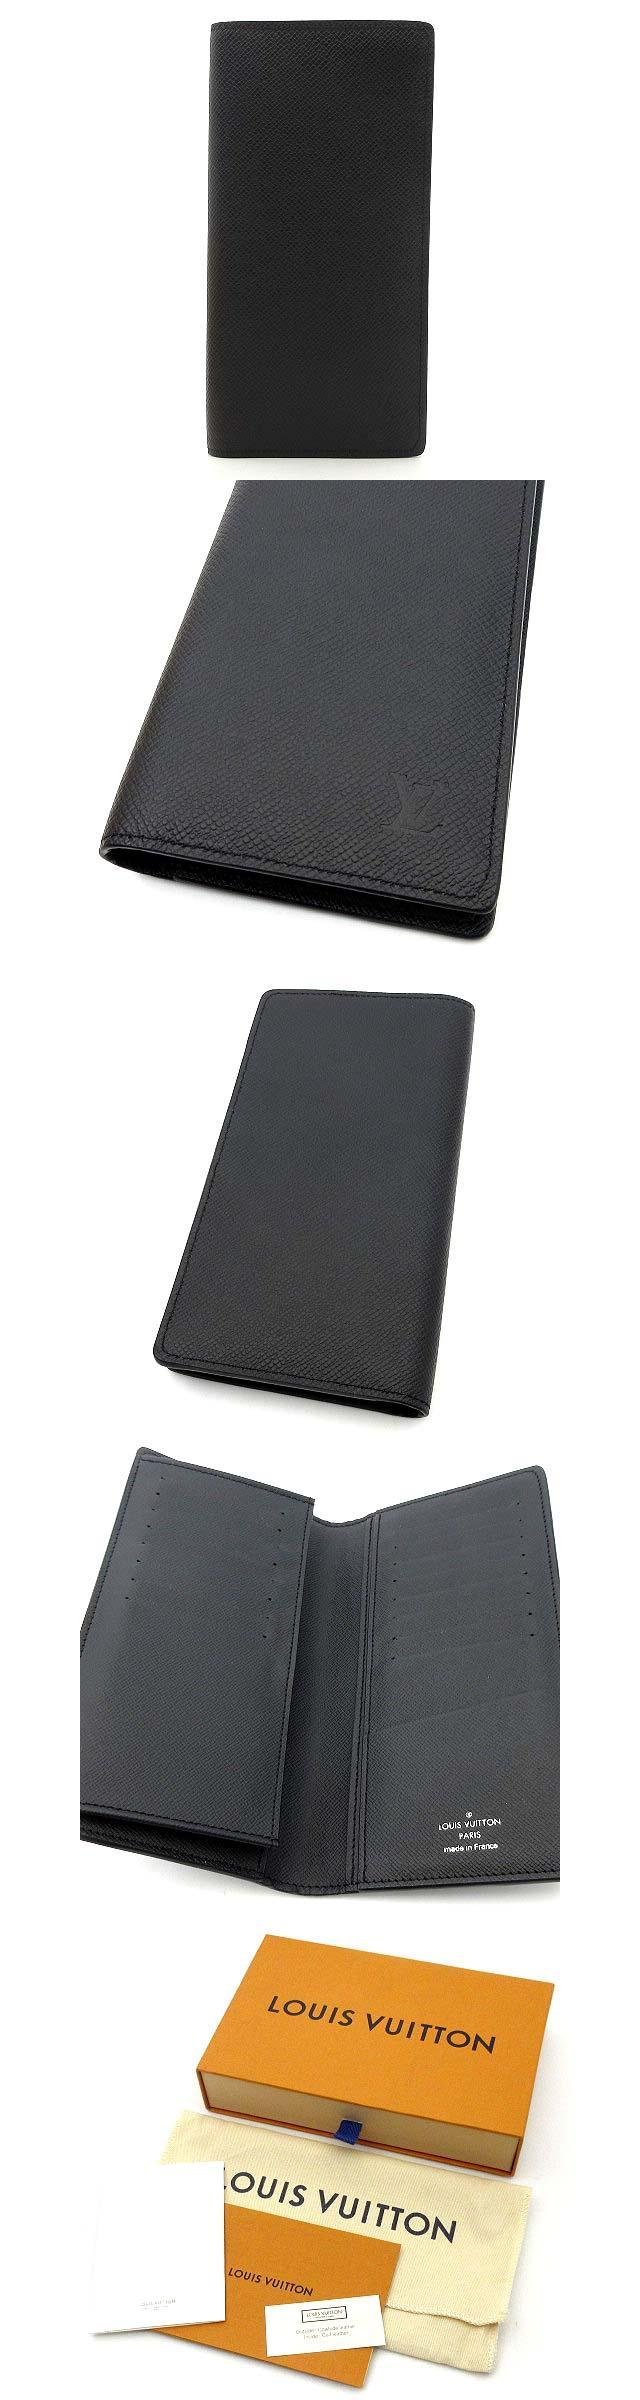 タイガ ポルトフォイユ ロン 二つ折り 長財布 札入れ 長札入れ M30541 アルドワーズ ブラック 黒 超美品